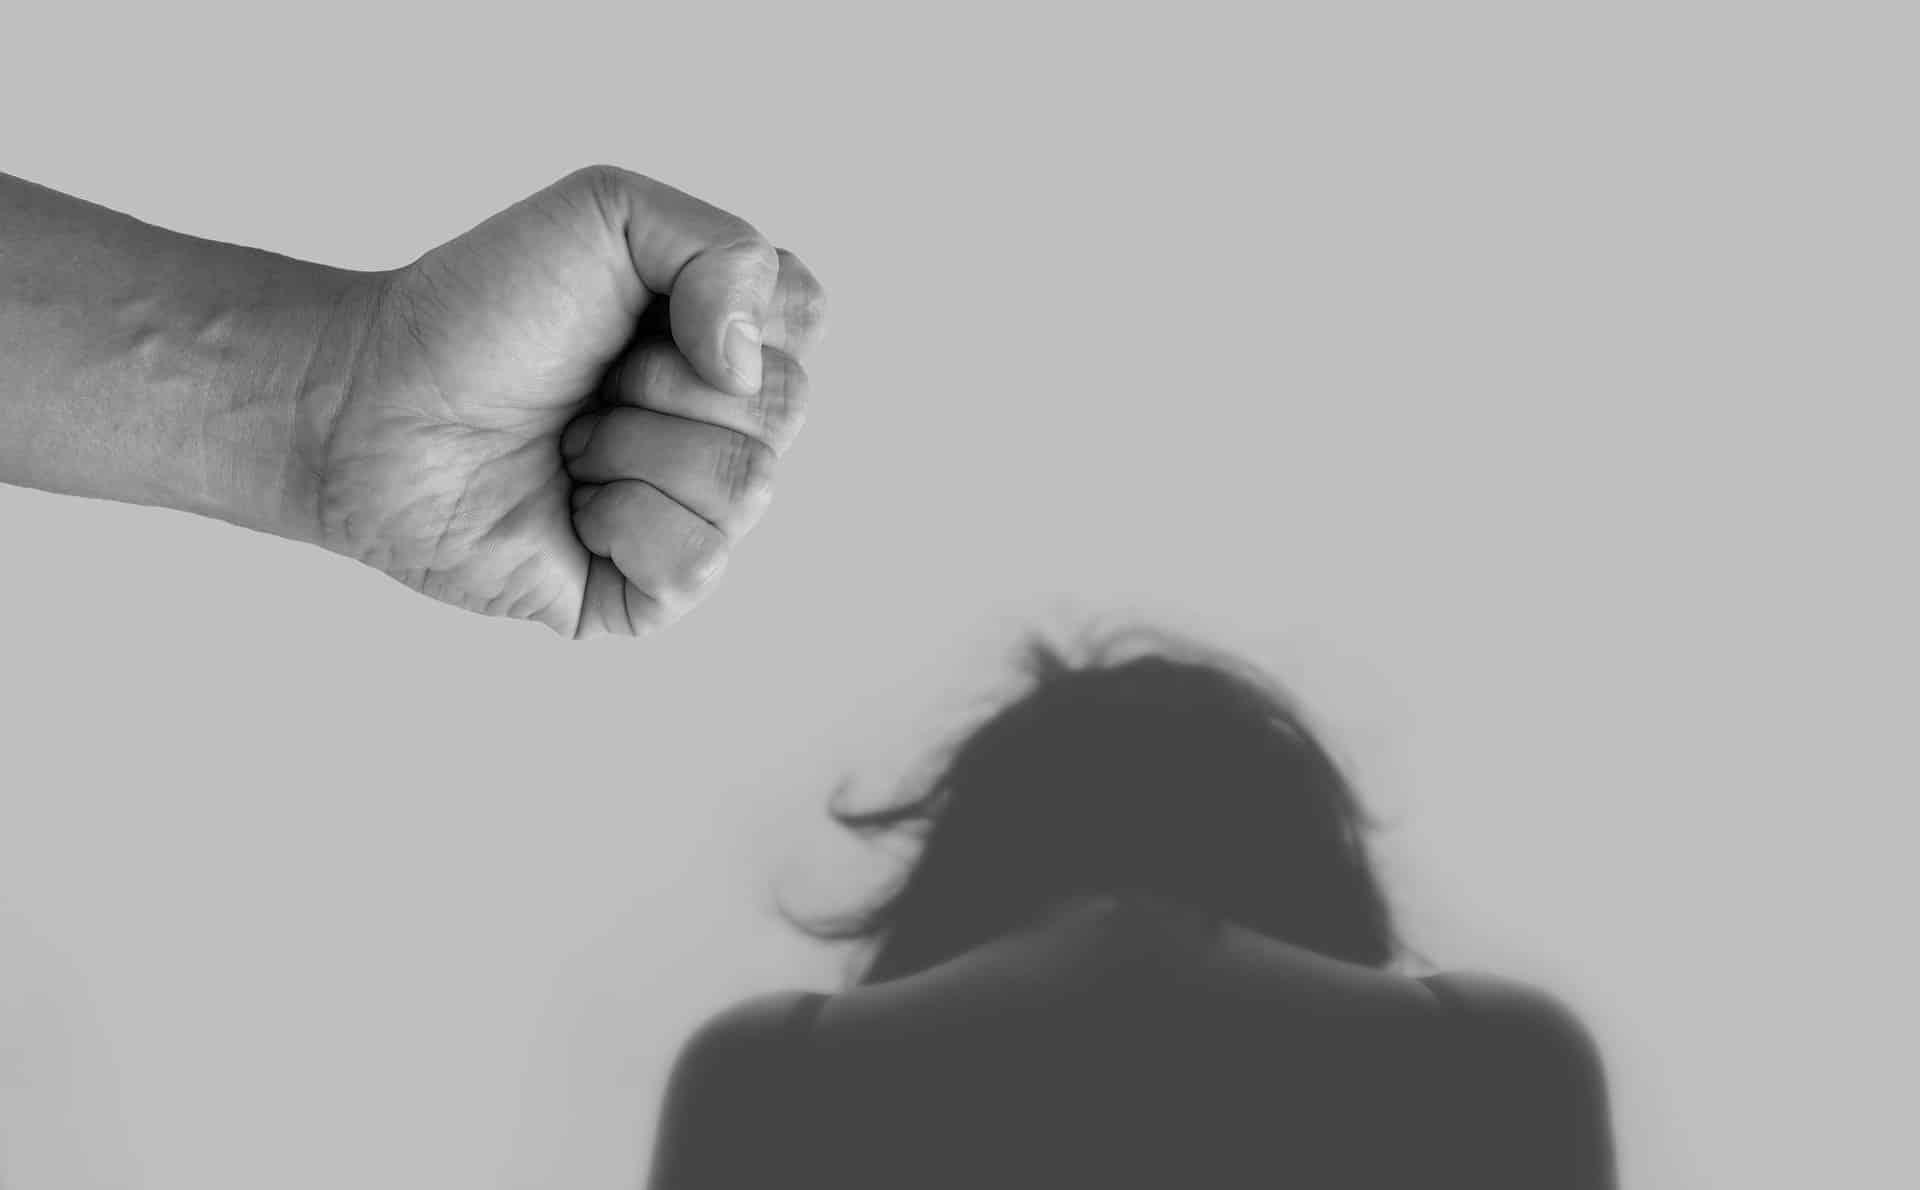 Estadísticas de violencia de género